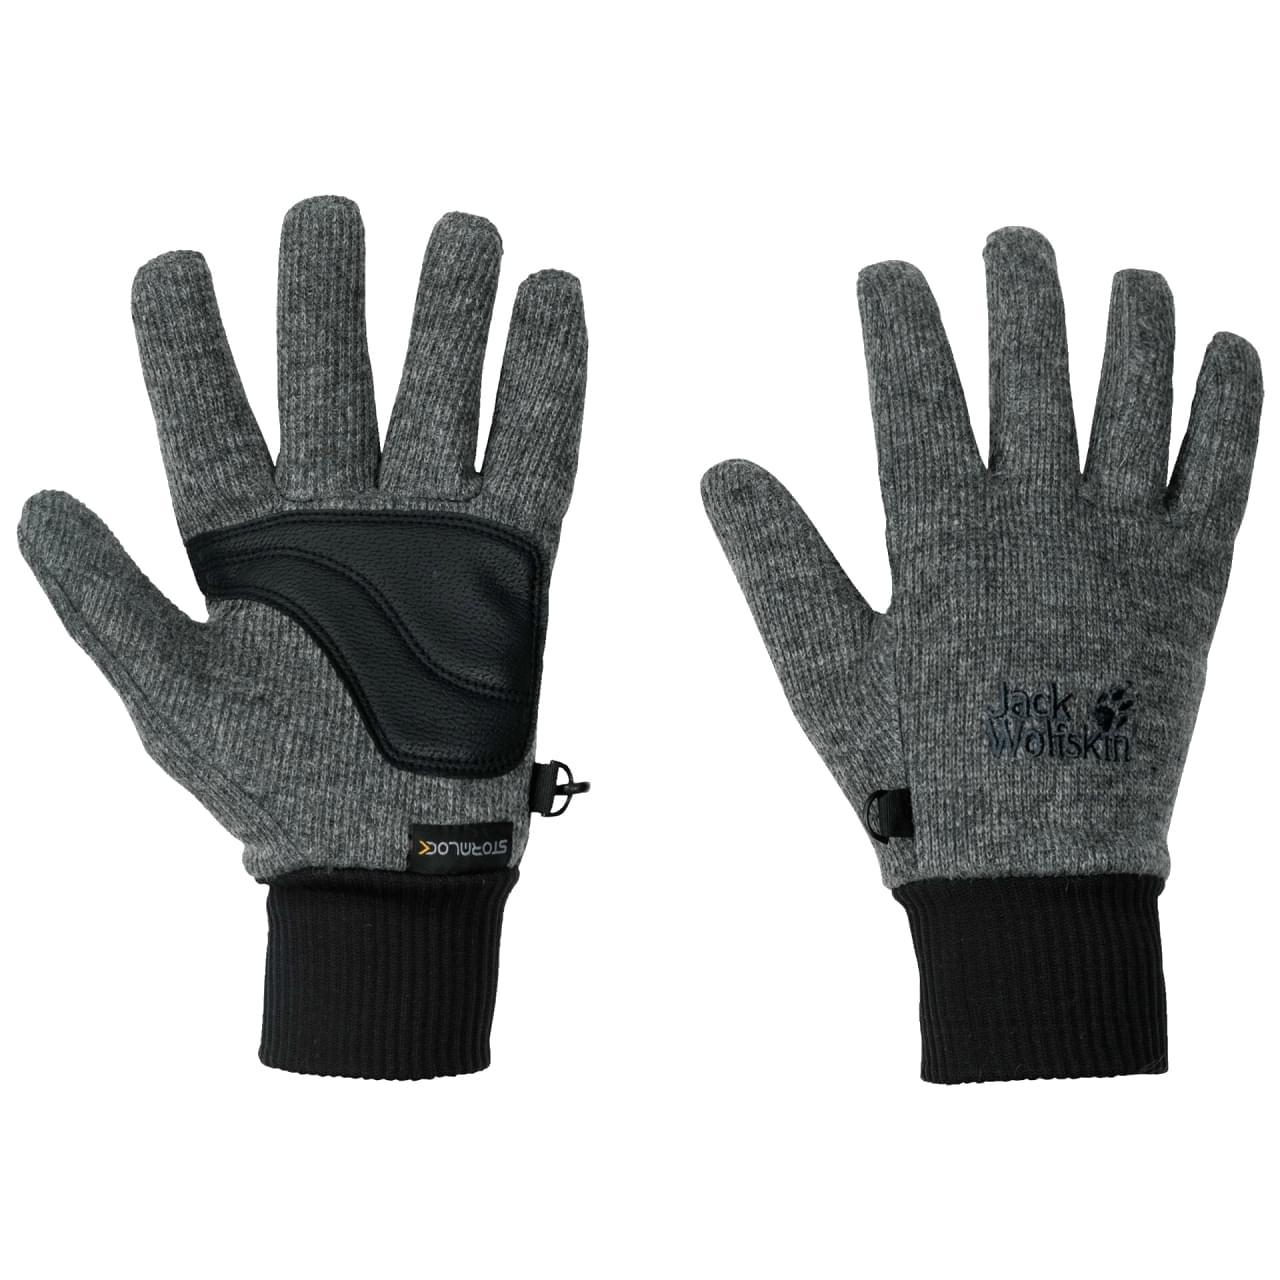 Jack Wolfskin Stormlock Knit Handschoenen